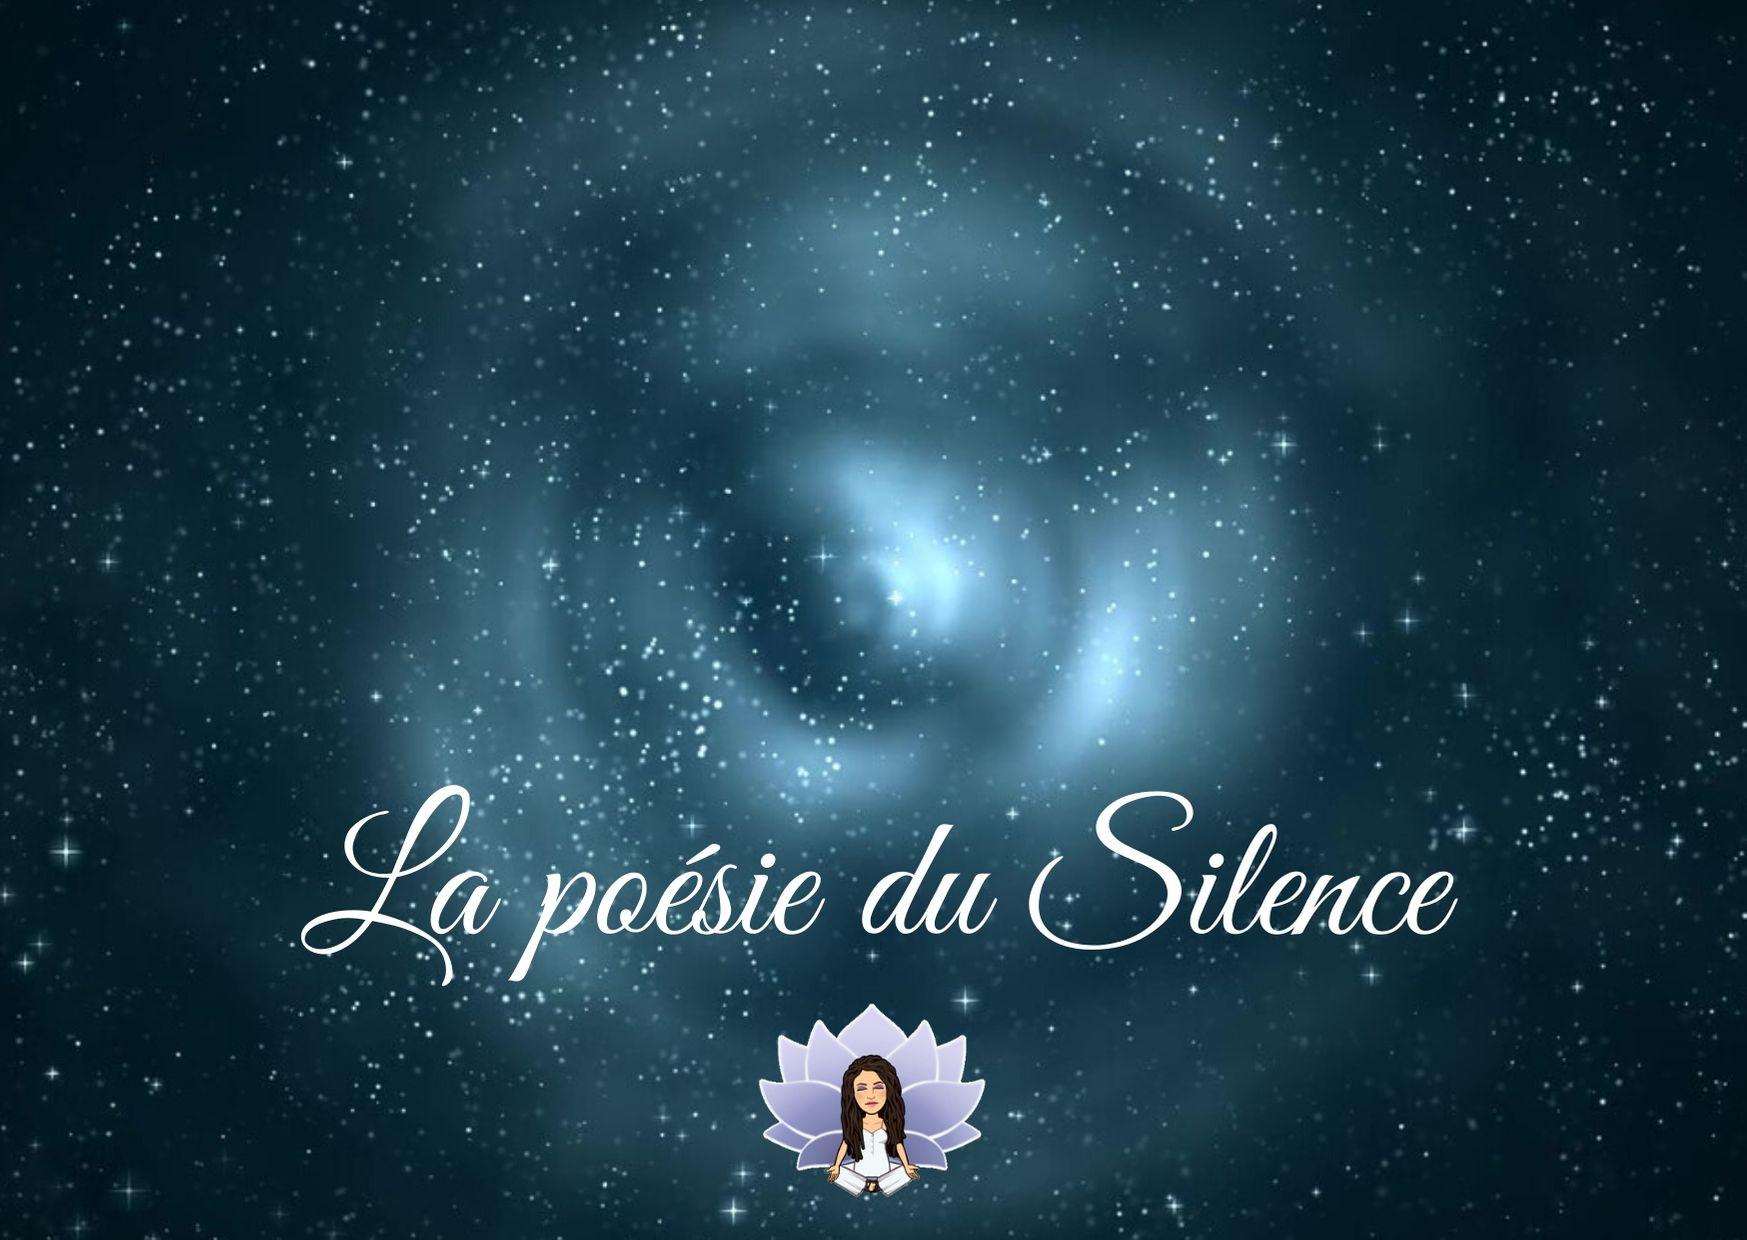 Le Chant de l'Univers - Poésie du Silence - Intériorisation guidée